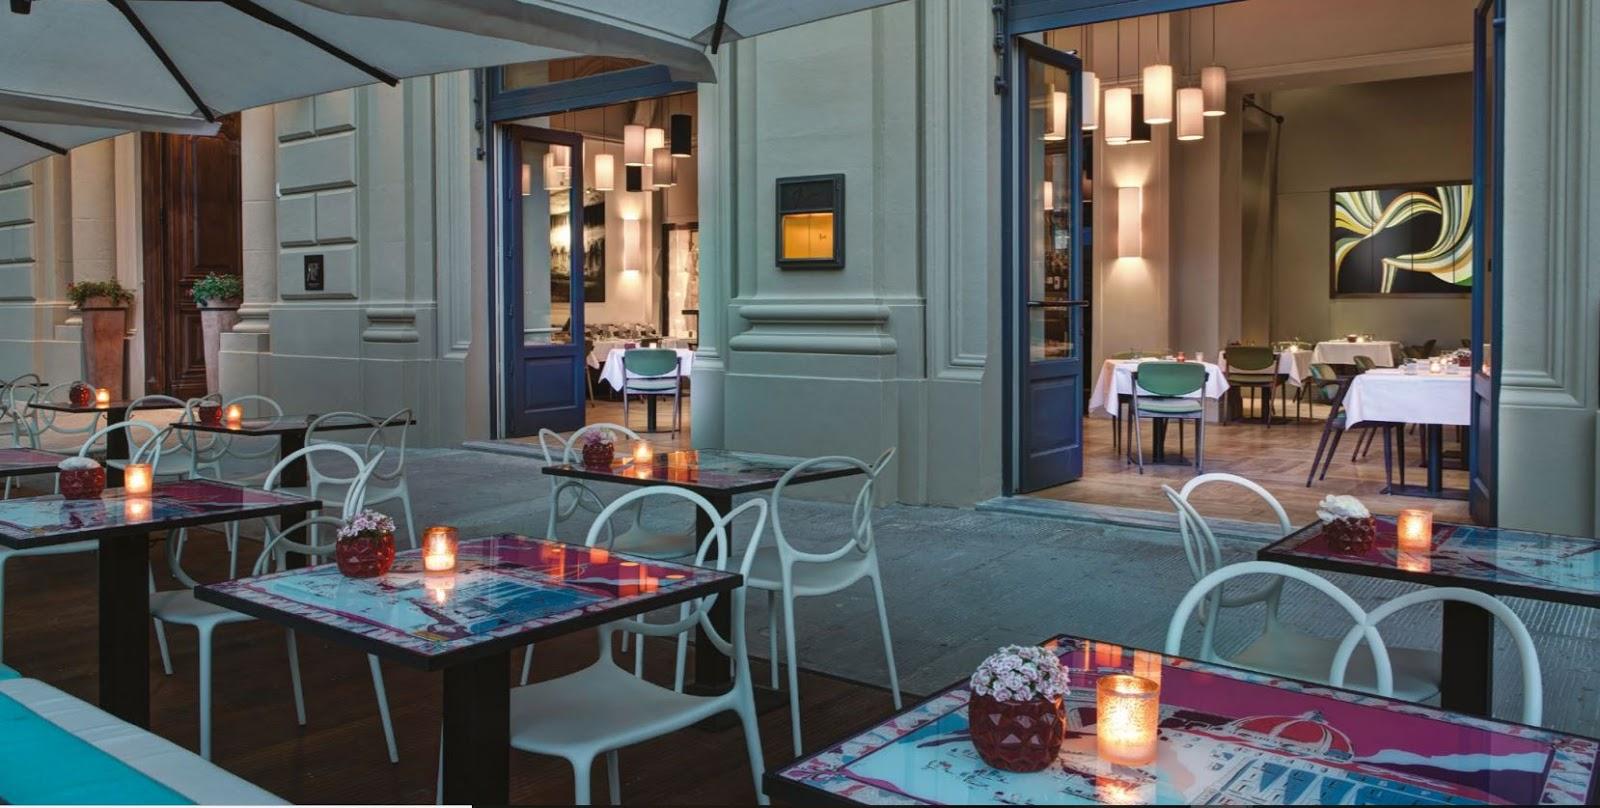 Hotel Savoy Rocco Forte, Florença, Itália